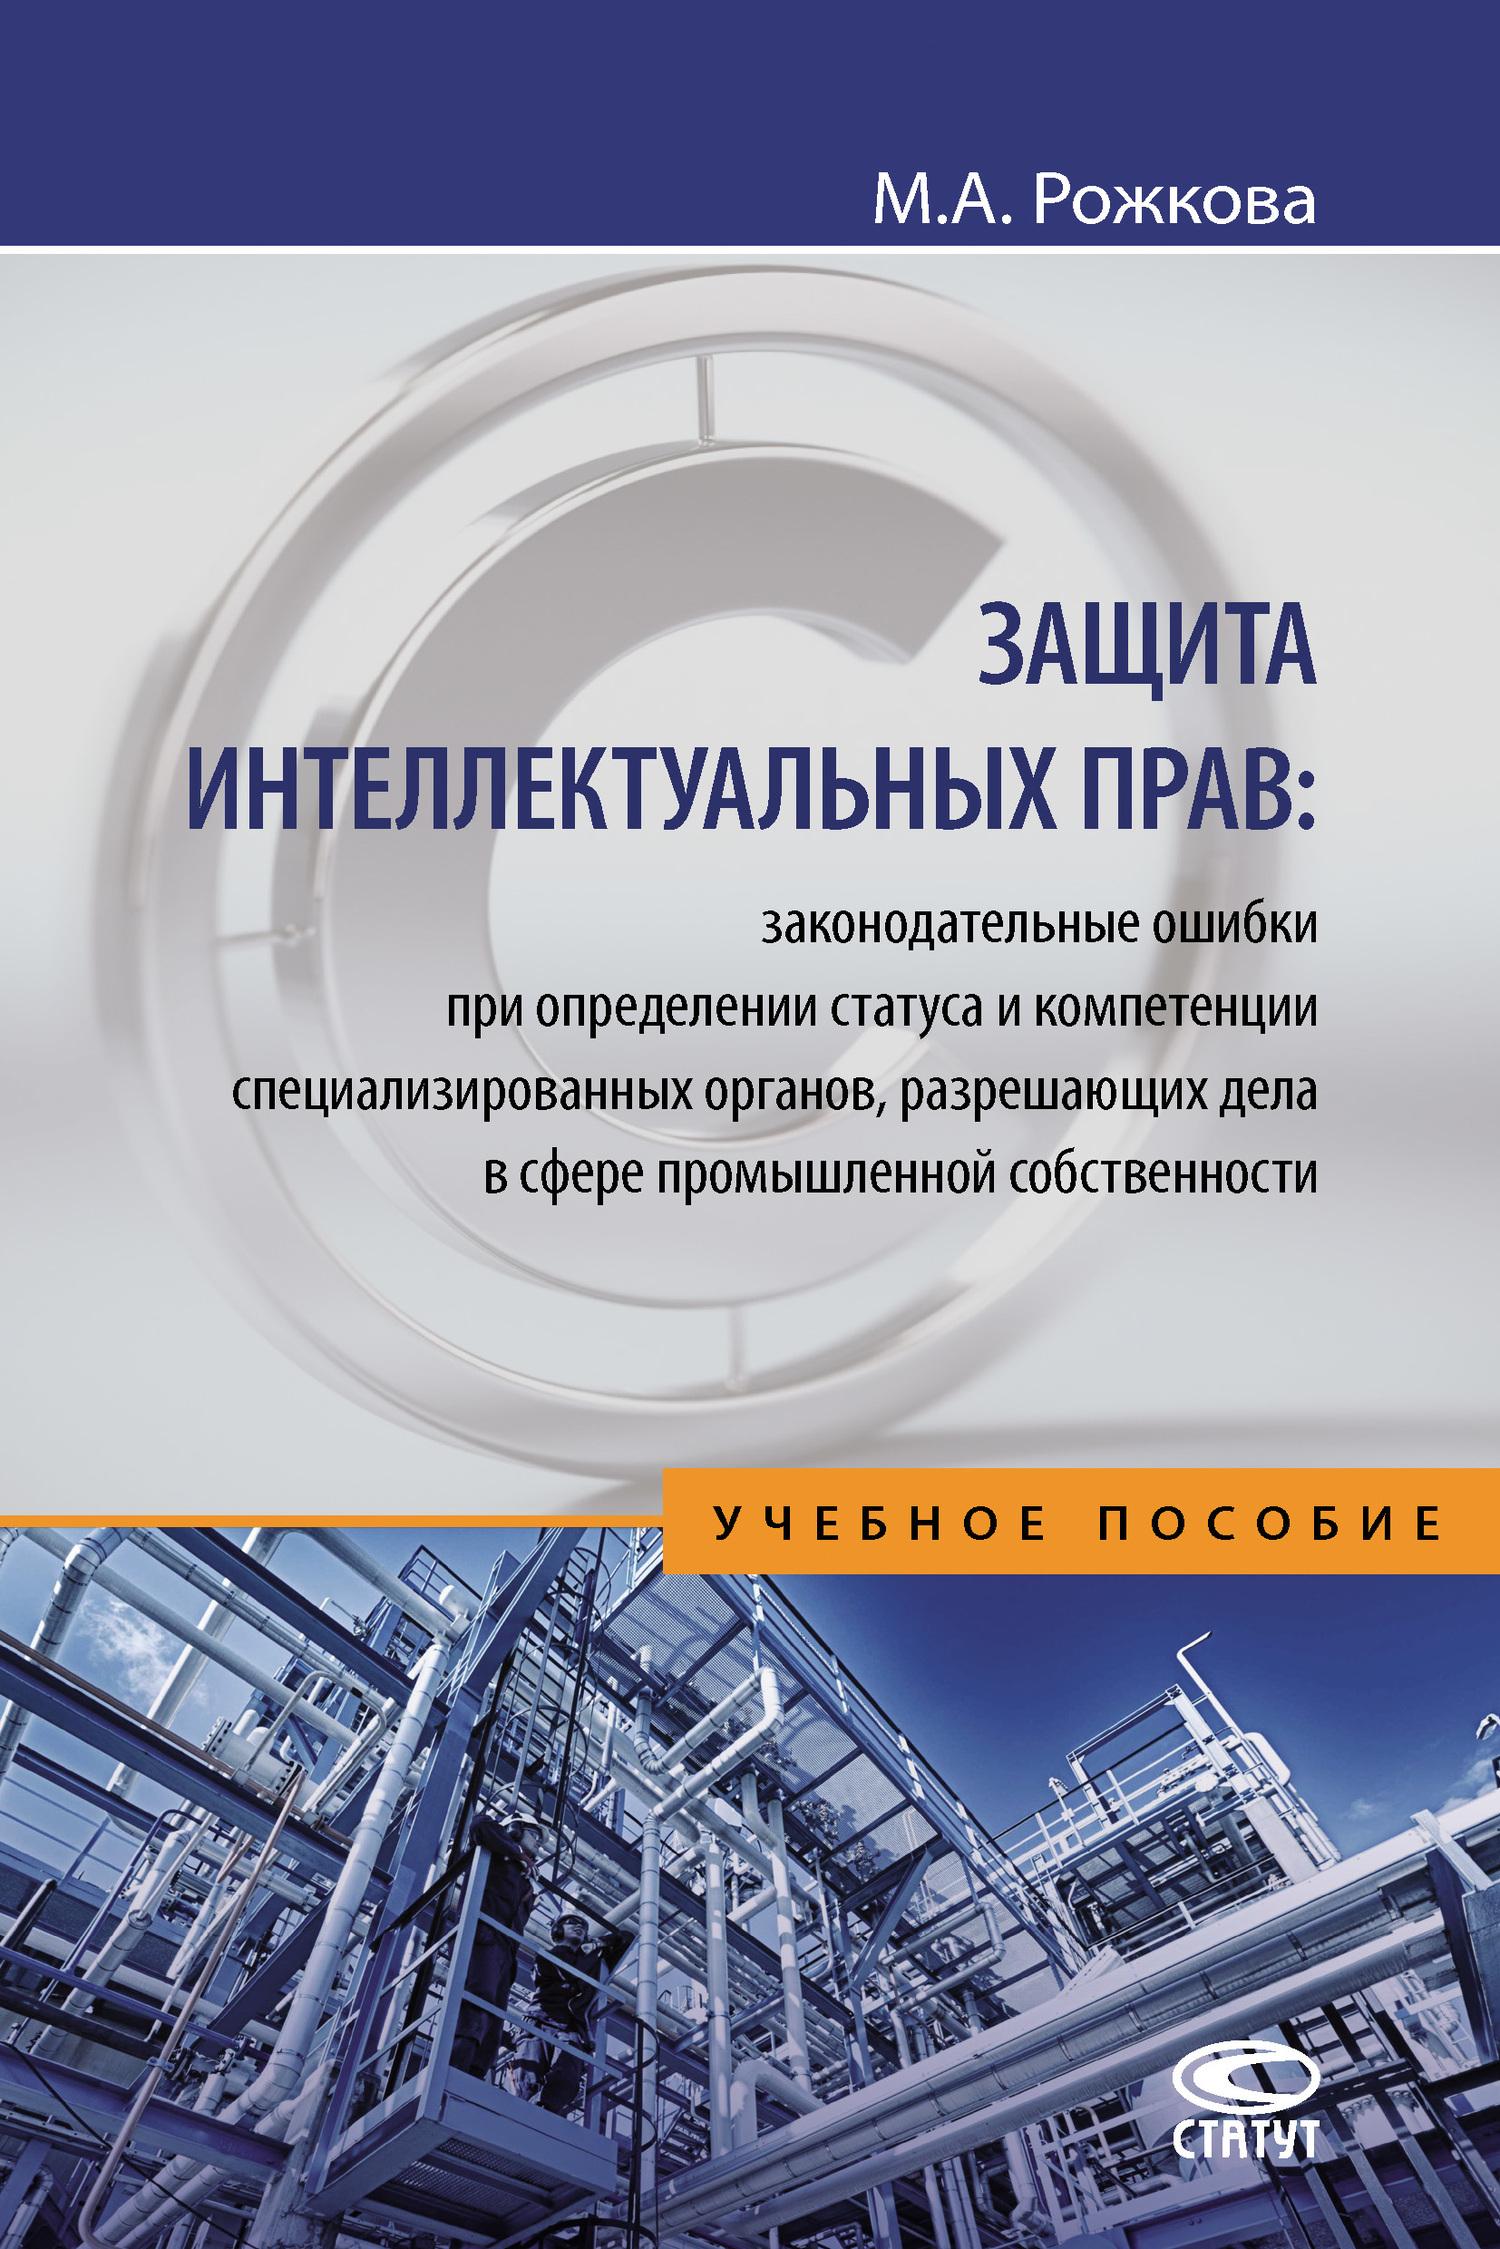 Марина Рожкова - Защита интеллектуальных прав: законодательные ошибки при определении статуса и компетенции специализированных органов, разрешающих дела в сфере промышленной собственности